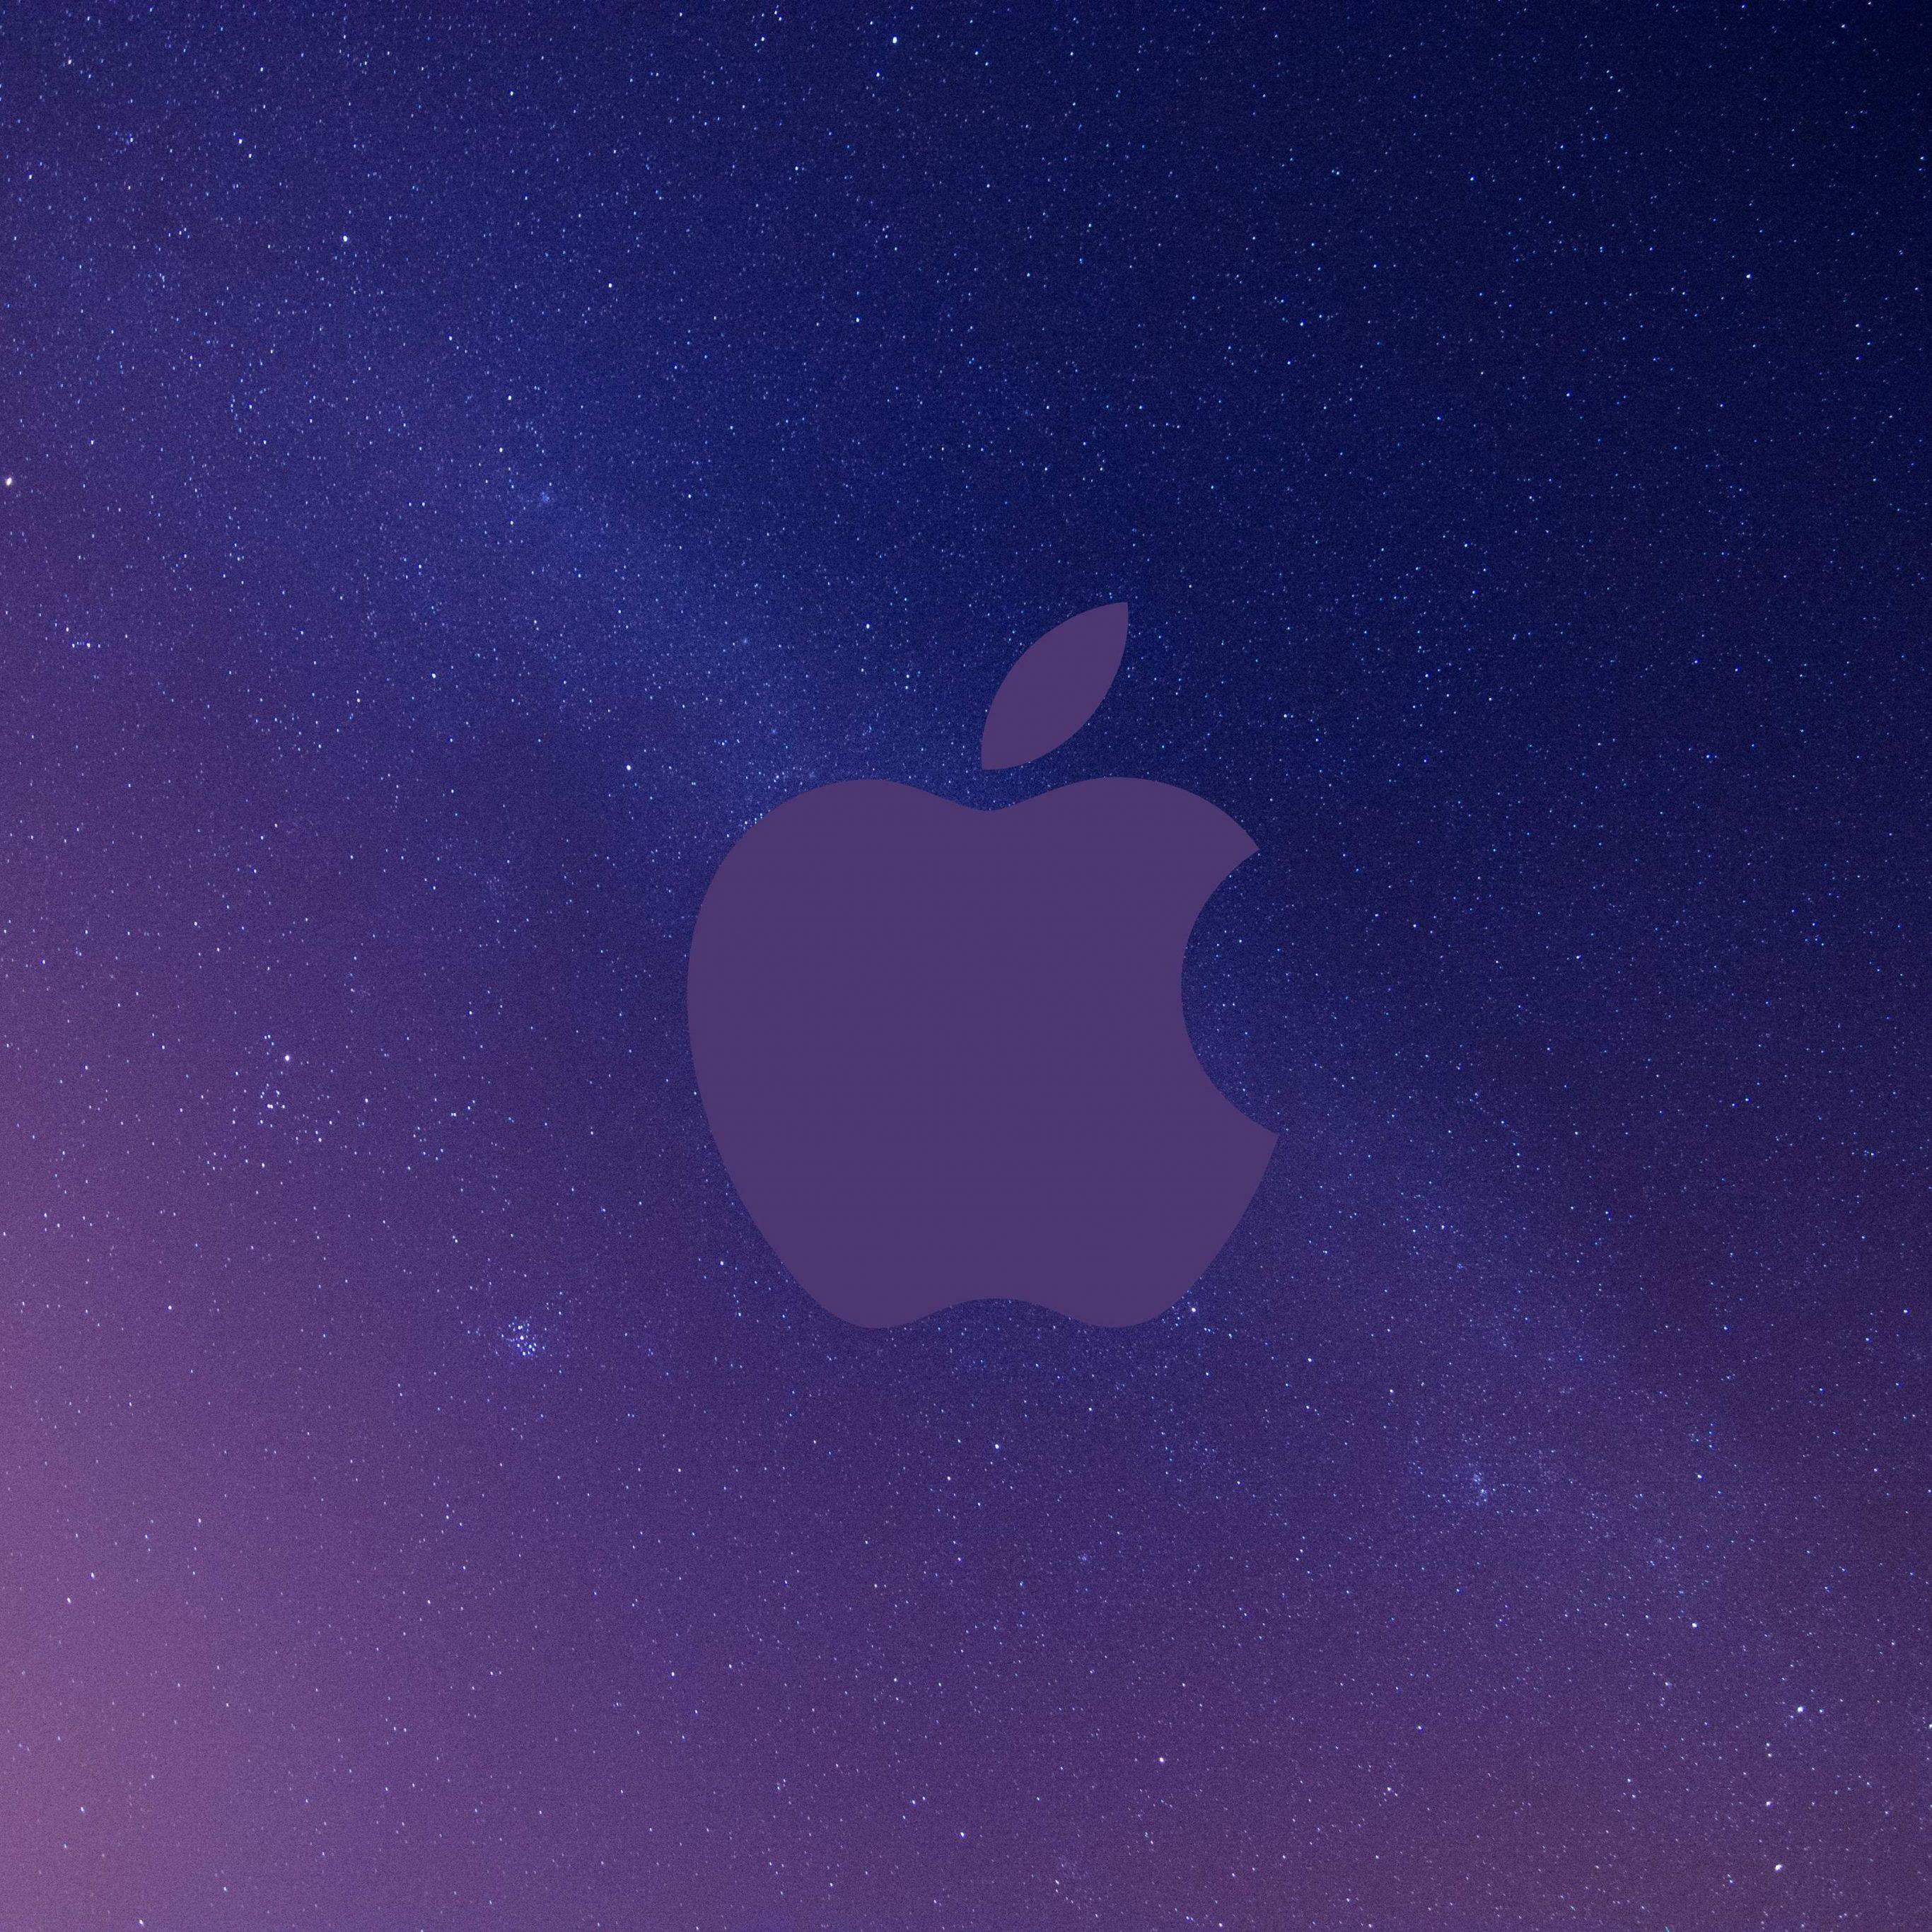 2732x2732 wallpapers 4k iPad Pro Apple Logo Grey Sky Night Stars Space iPad Wallpaper 2732x2732 pixels resolution